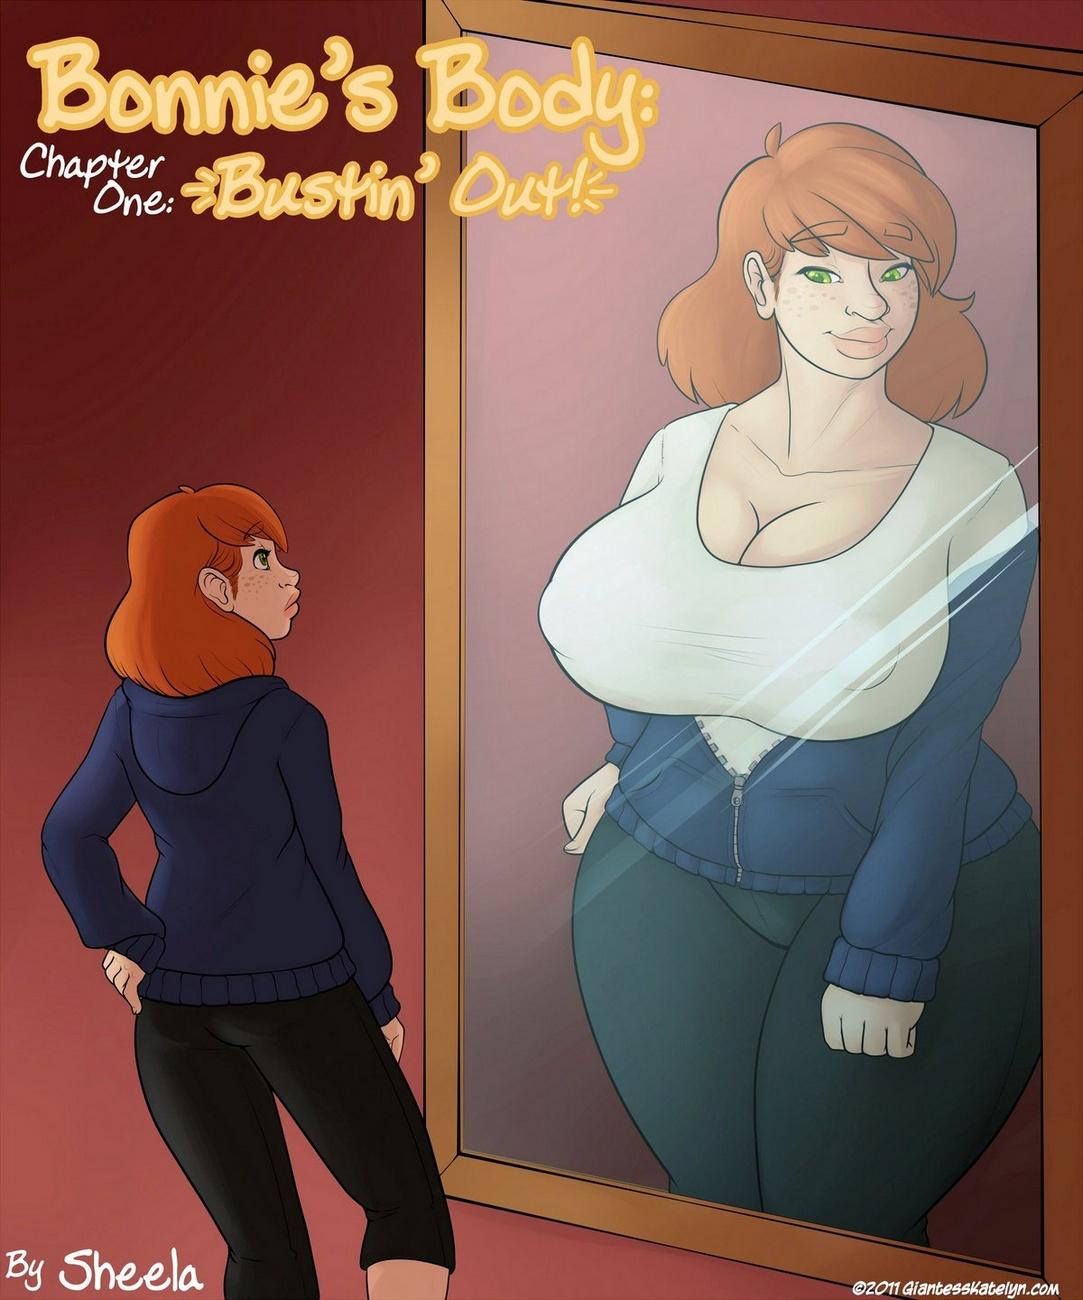 Bonnie's Body